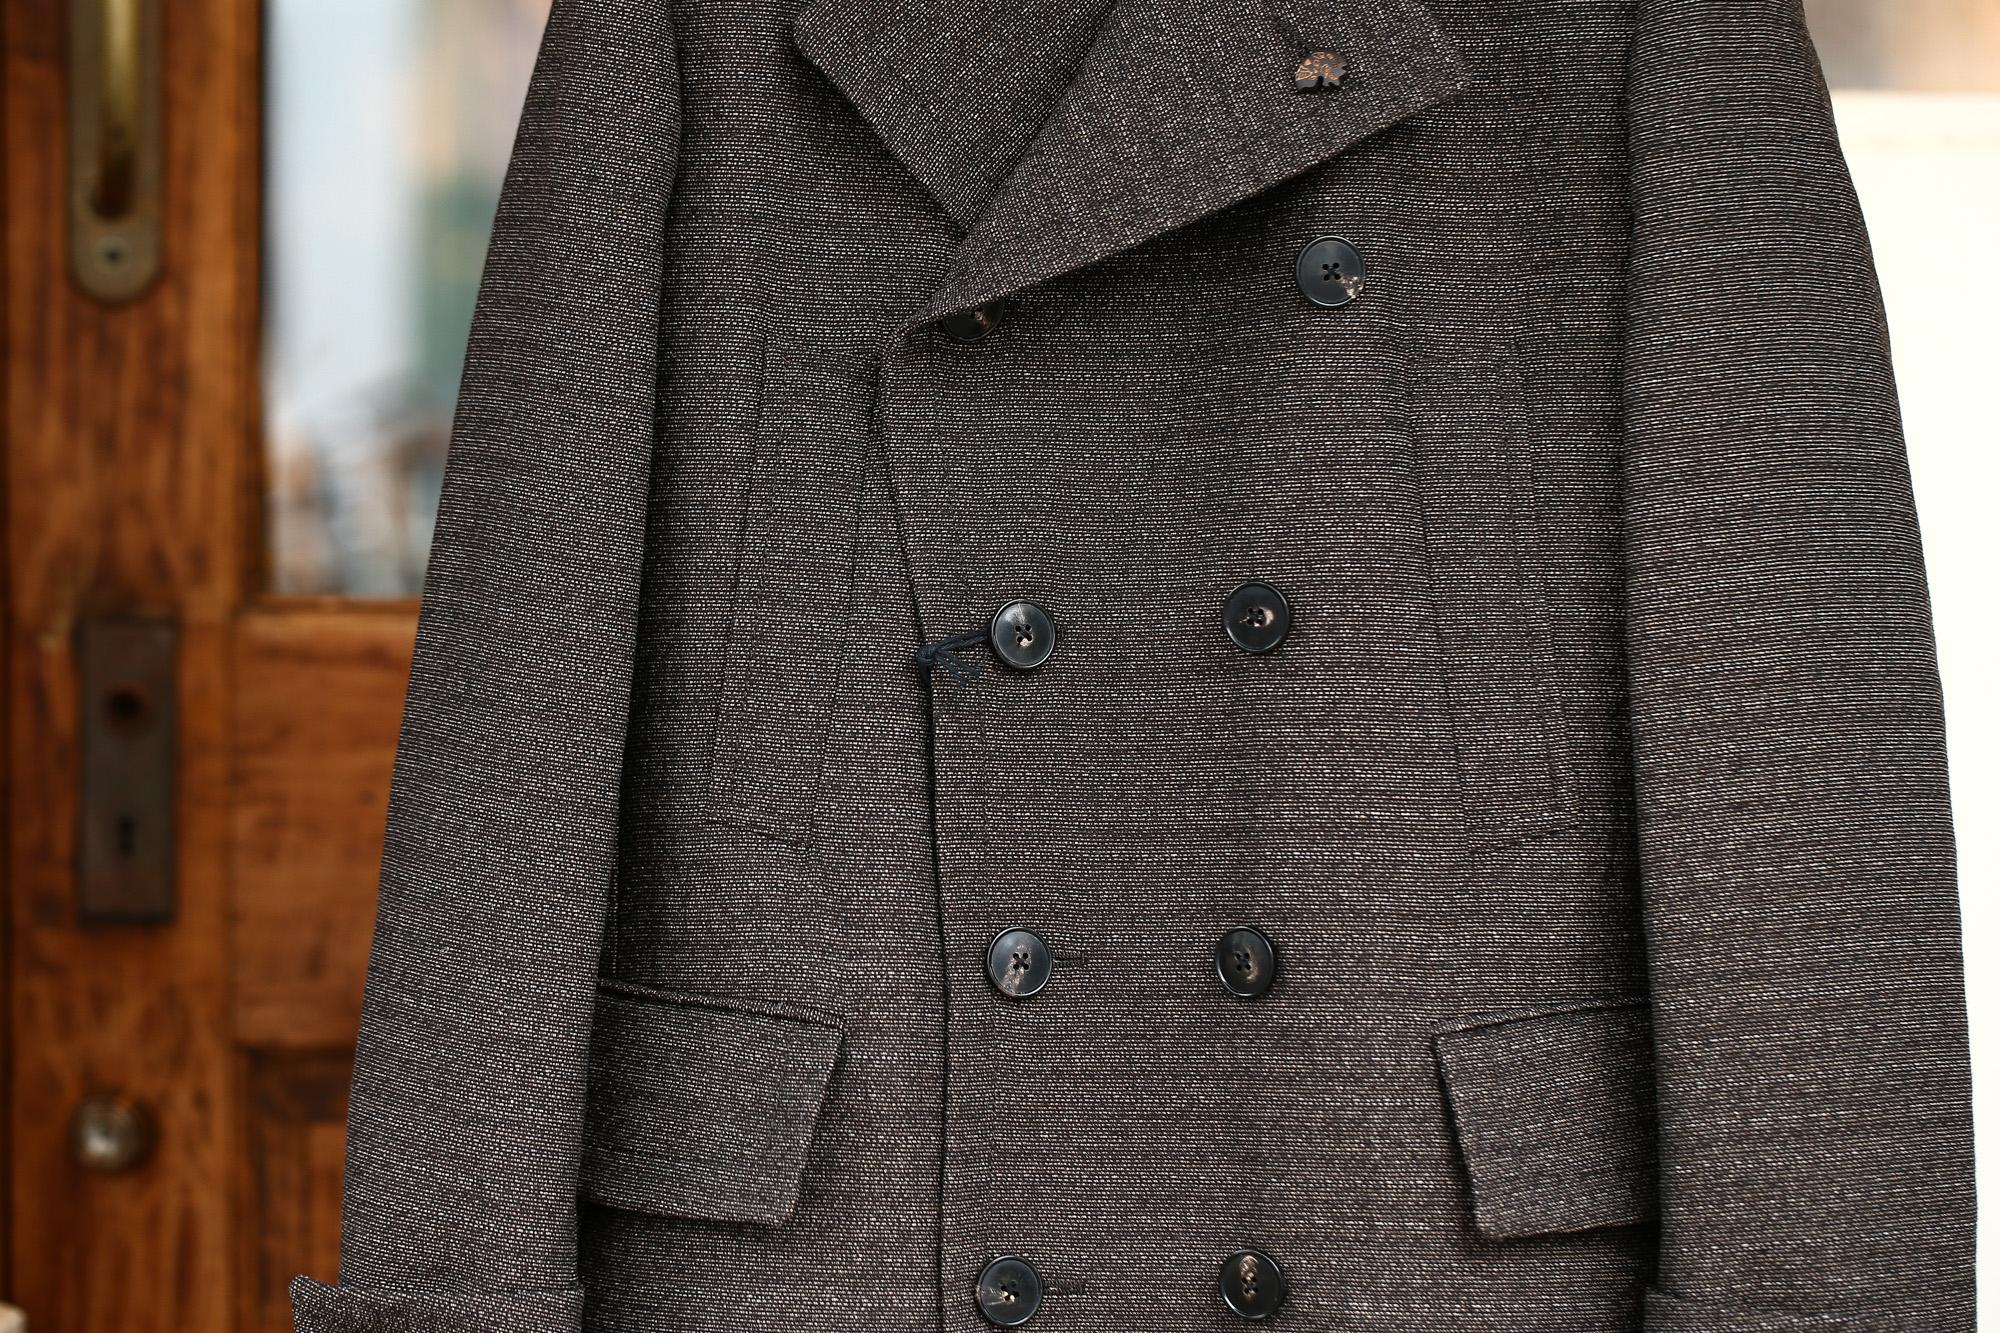 GABRIELE PASINI (ガブリエレ パジーニ) Pea coat (ピーコート) ウール ミドル丈 ダブル コート BROWN (ブラウン・438) Made in italy (イタリア製) 2017 秋冬新作 gabrielepasini カブリエレパジーニ Pコート 愛知 名古屋 Alto e Diritto アルト エ デリット